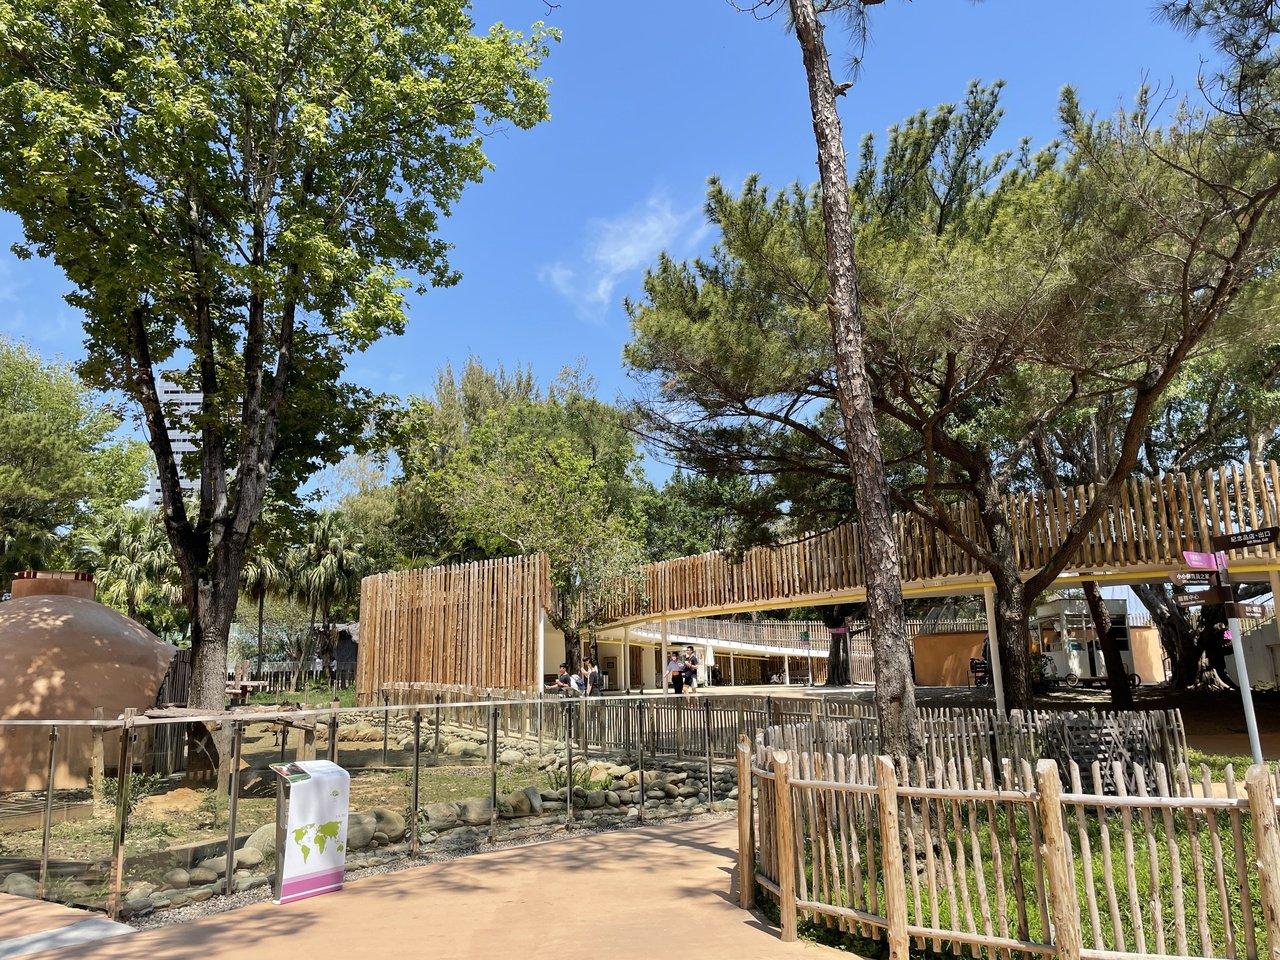 新竹市立動物園2018年底重新開放,園內保留豐富林相,並融入無障礙坡道設計,不分...